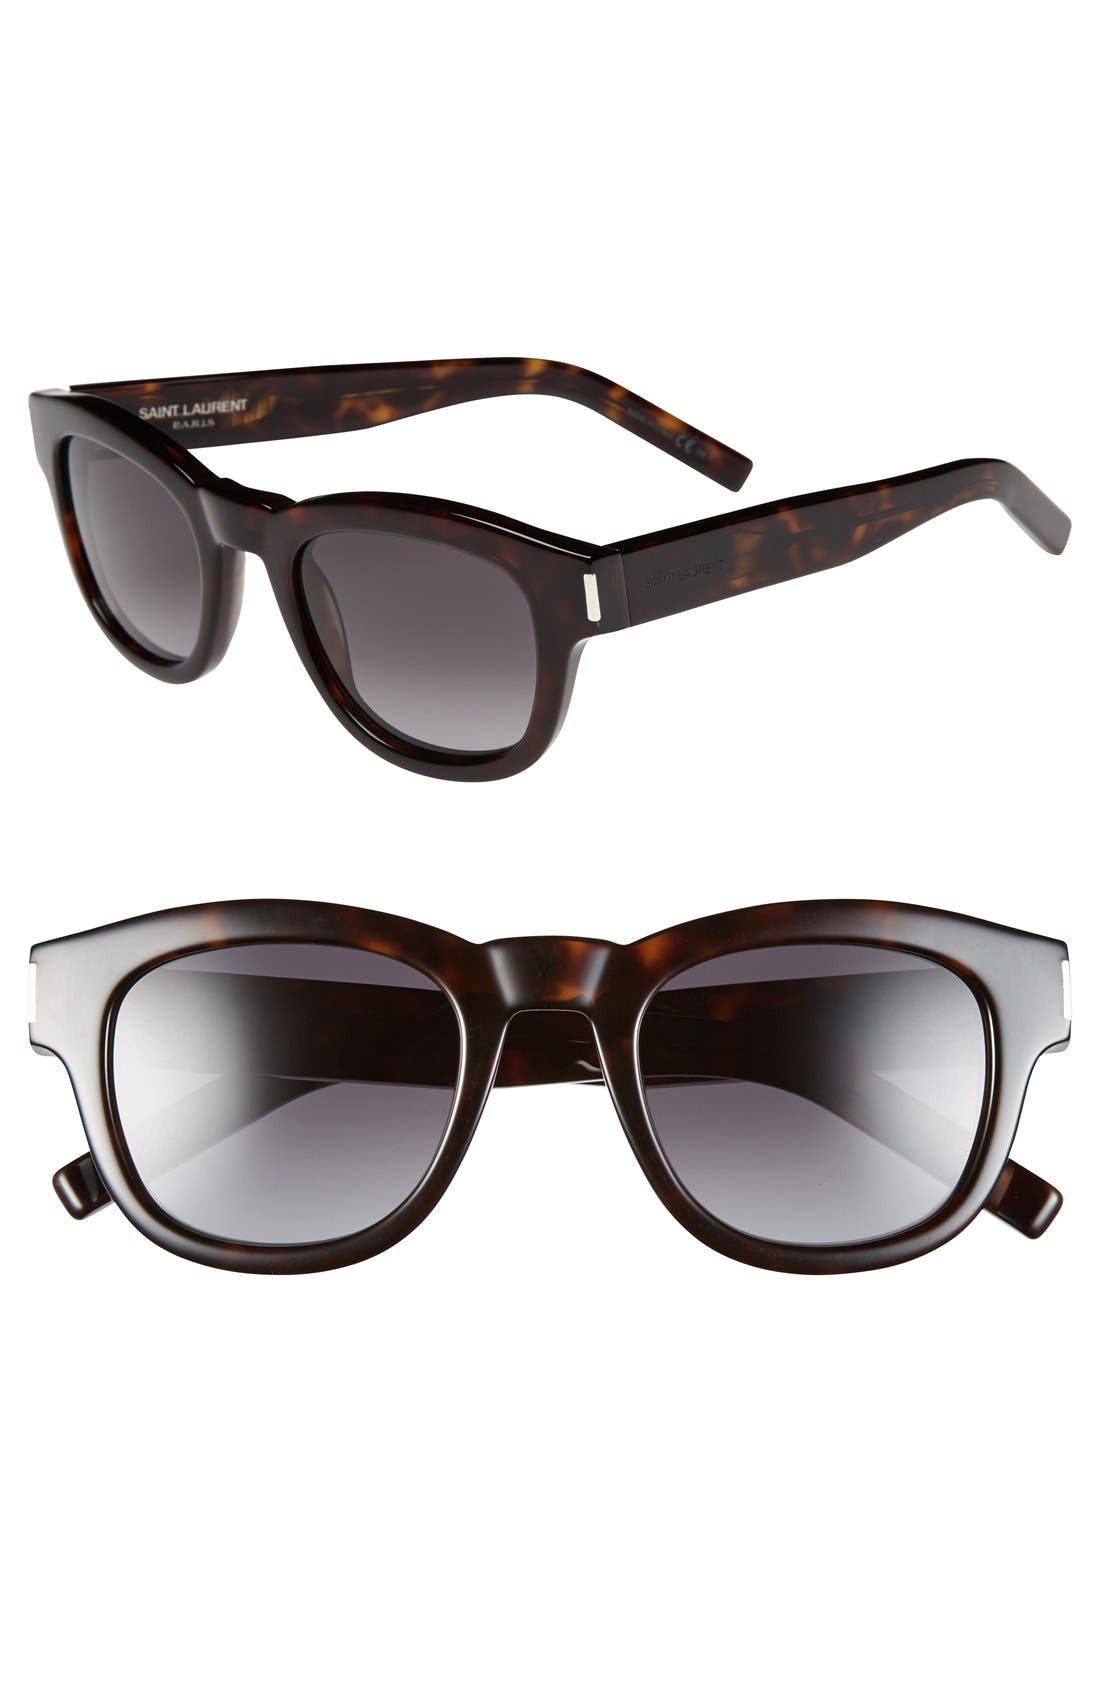 Main Image - Saint Laurent 49mm Retro Sunglasses